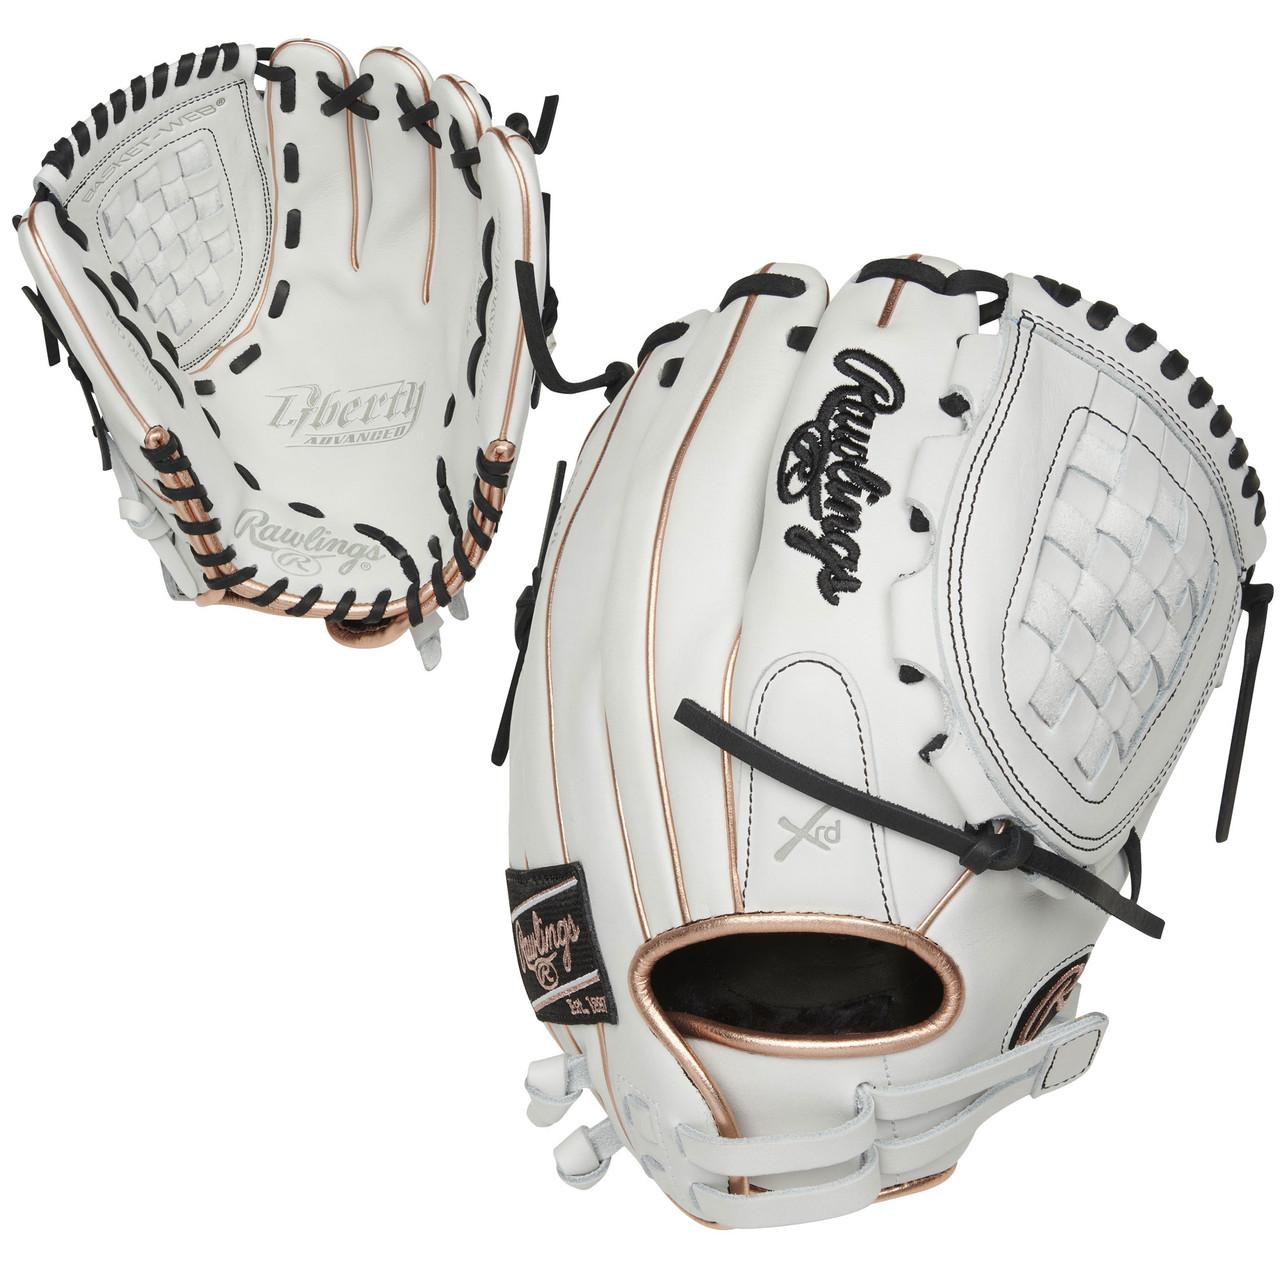 Rawlings Liberty Advanced 12 Inch RLA120-3PU Fastpitch Softball Glove